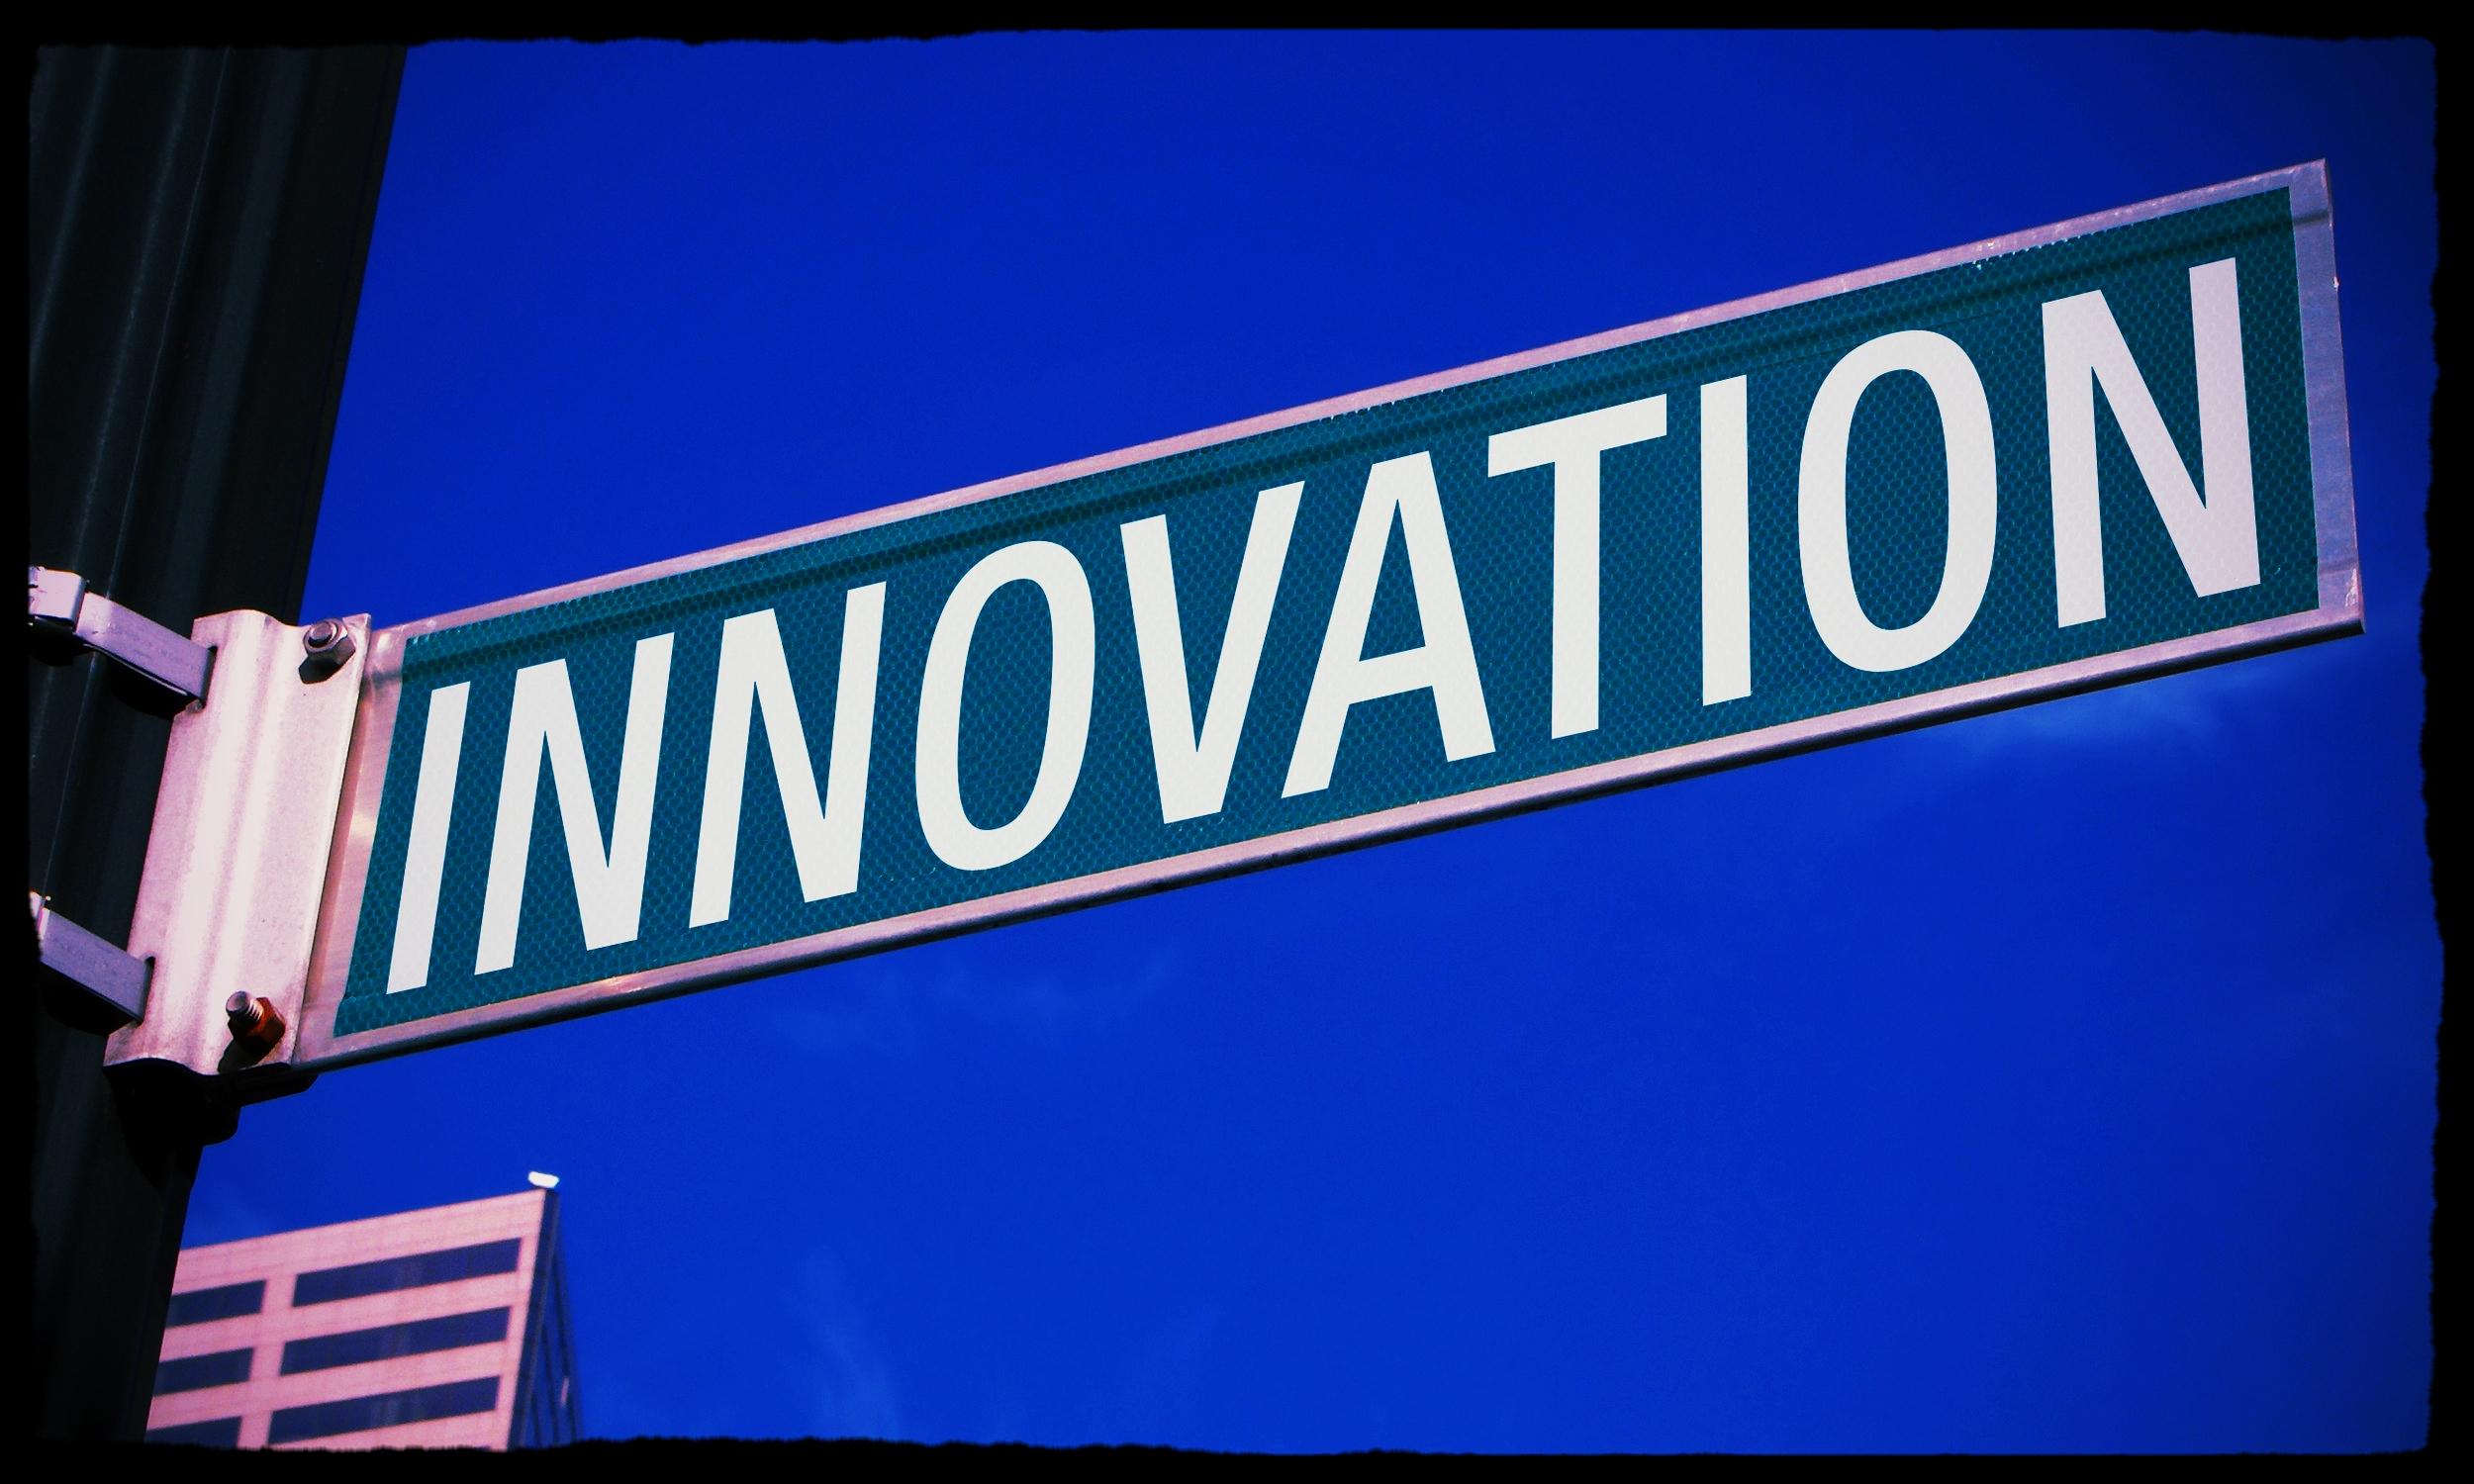 Innovation photo for marketing materials_iStock-115870383.jpg